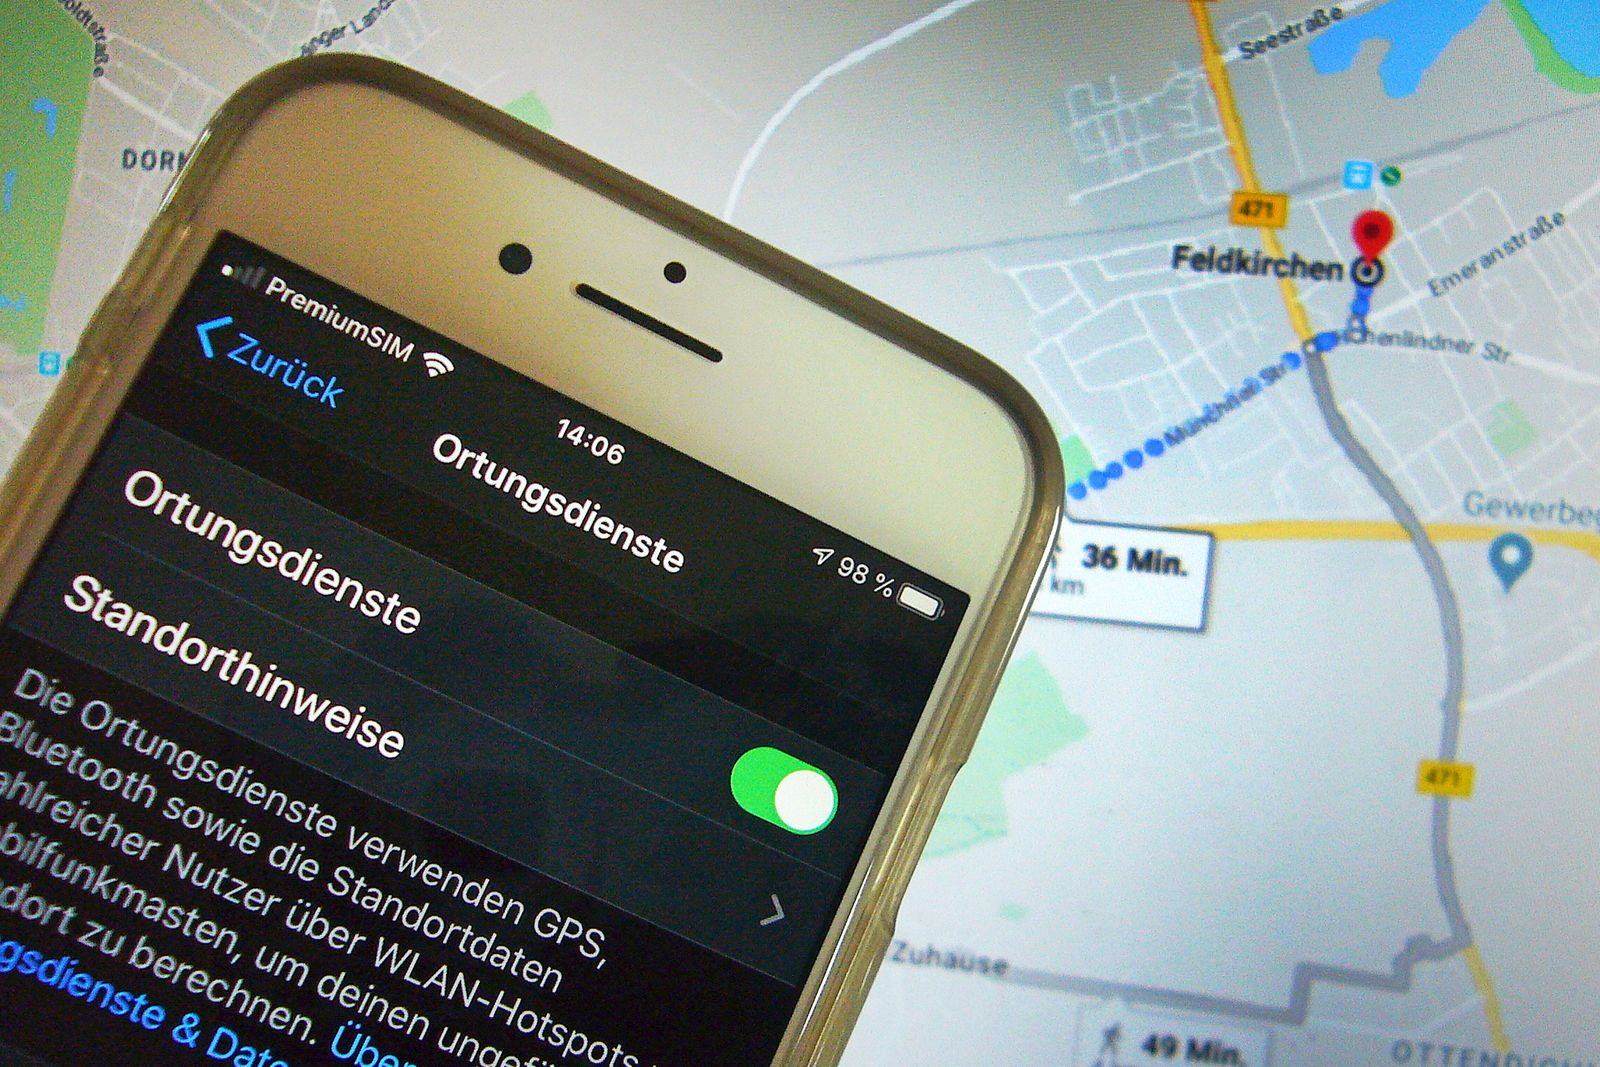 Themenbld Handyortung. Massnahmen gegen Covid-19 Telekom: Tracking von Infizierten ist Unfug Im Robert-Koch-Institut (RK